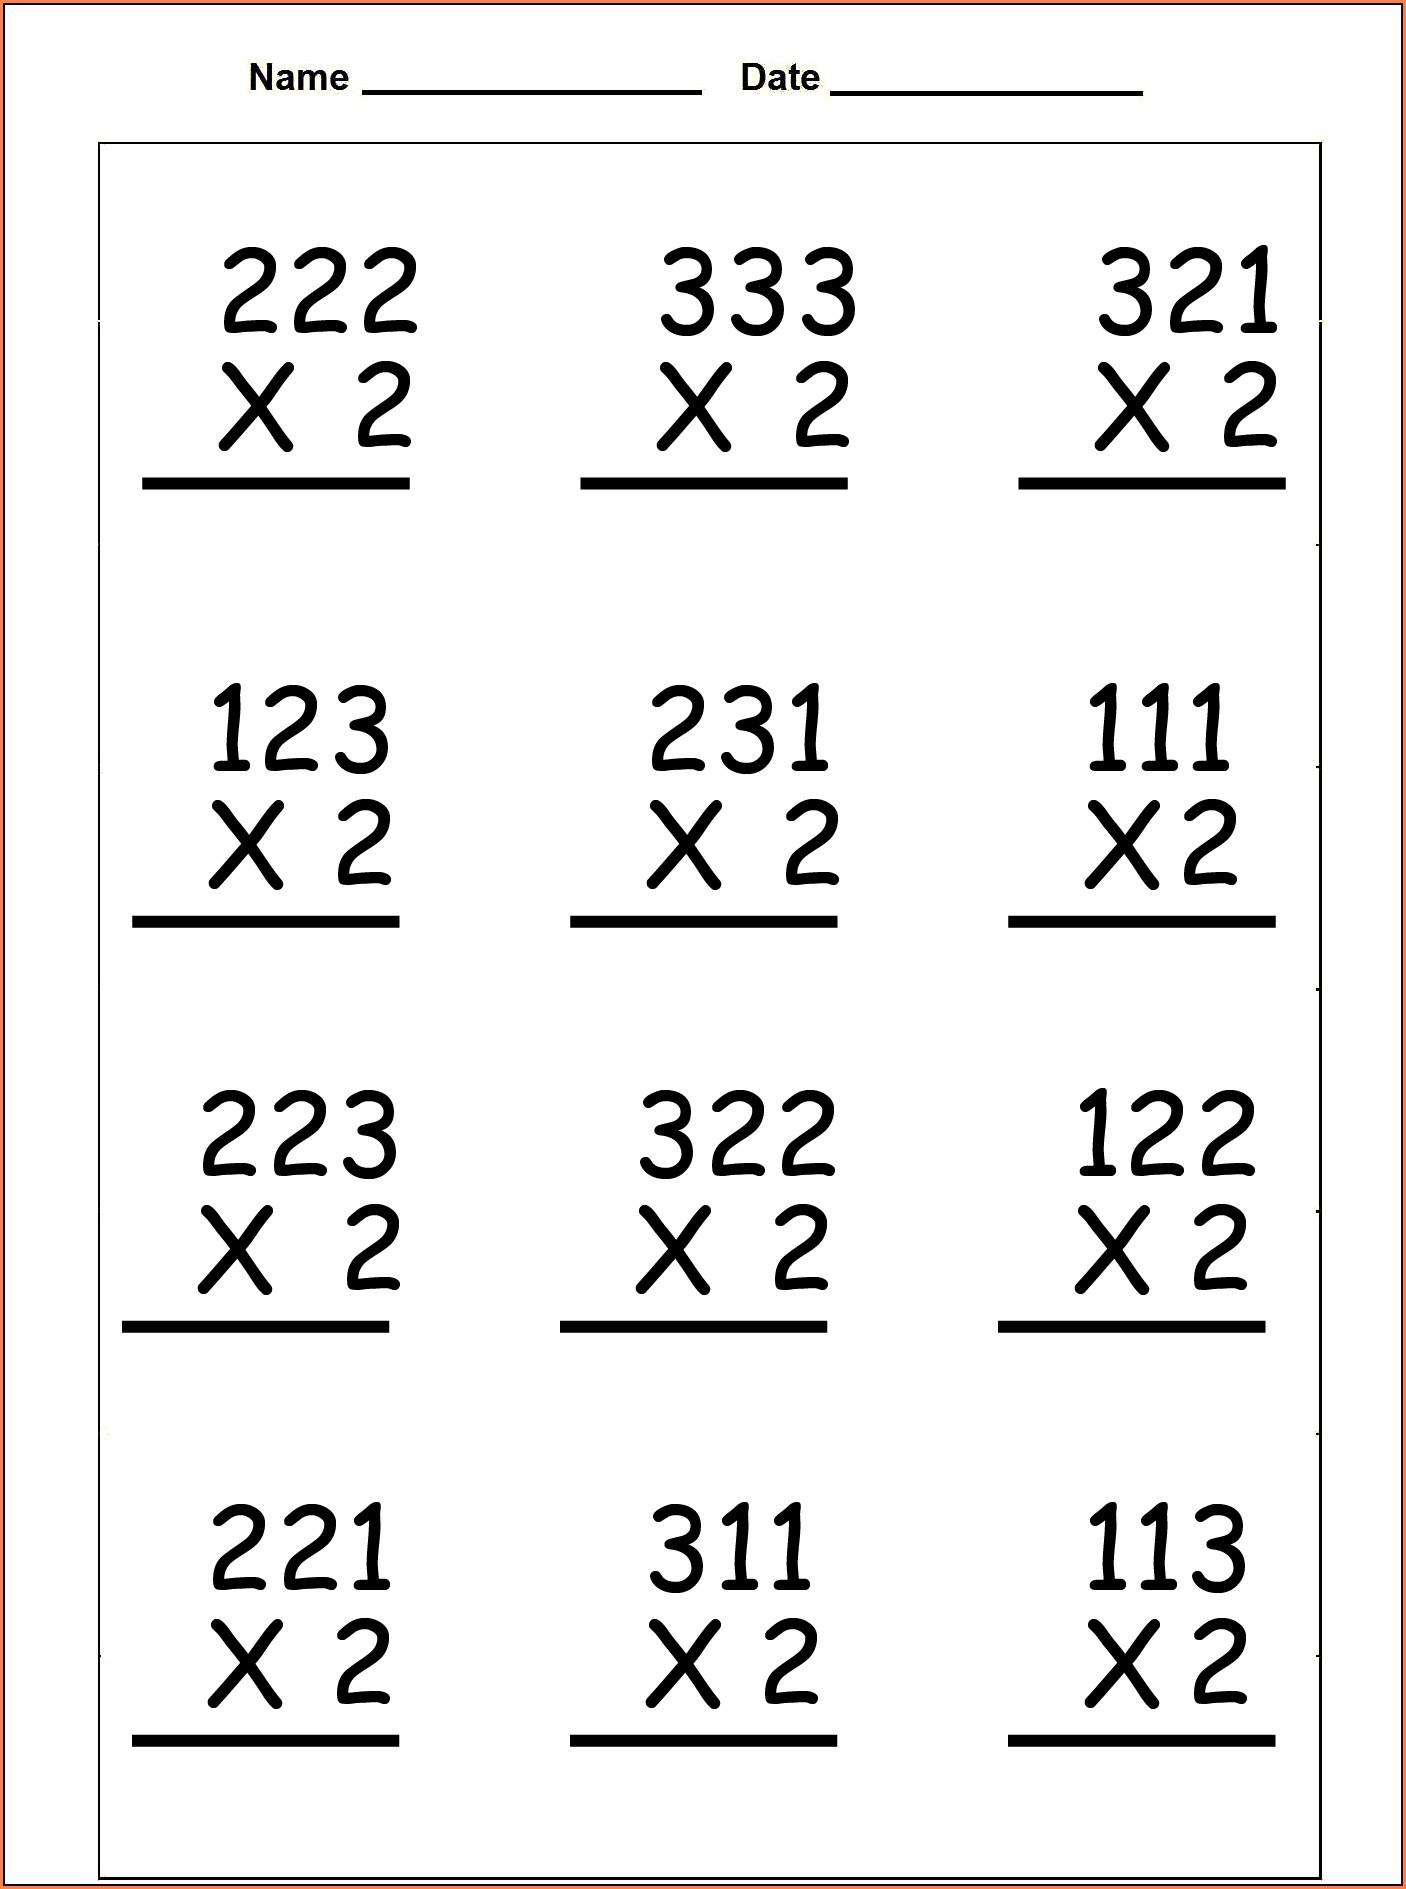 Place Value Worksheet 3 Digit Numbers Worksheet Resume